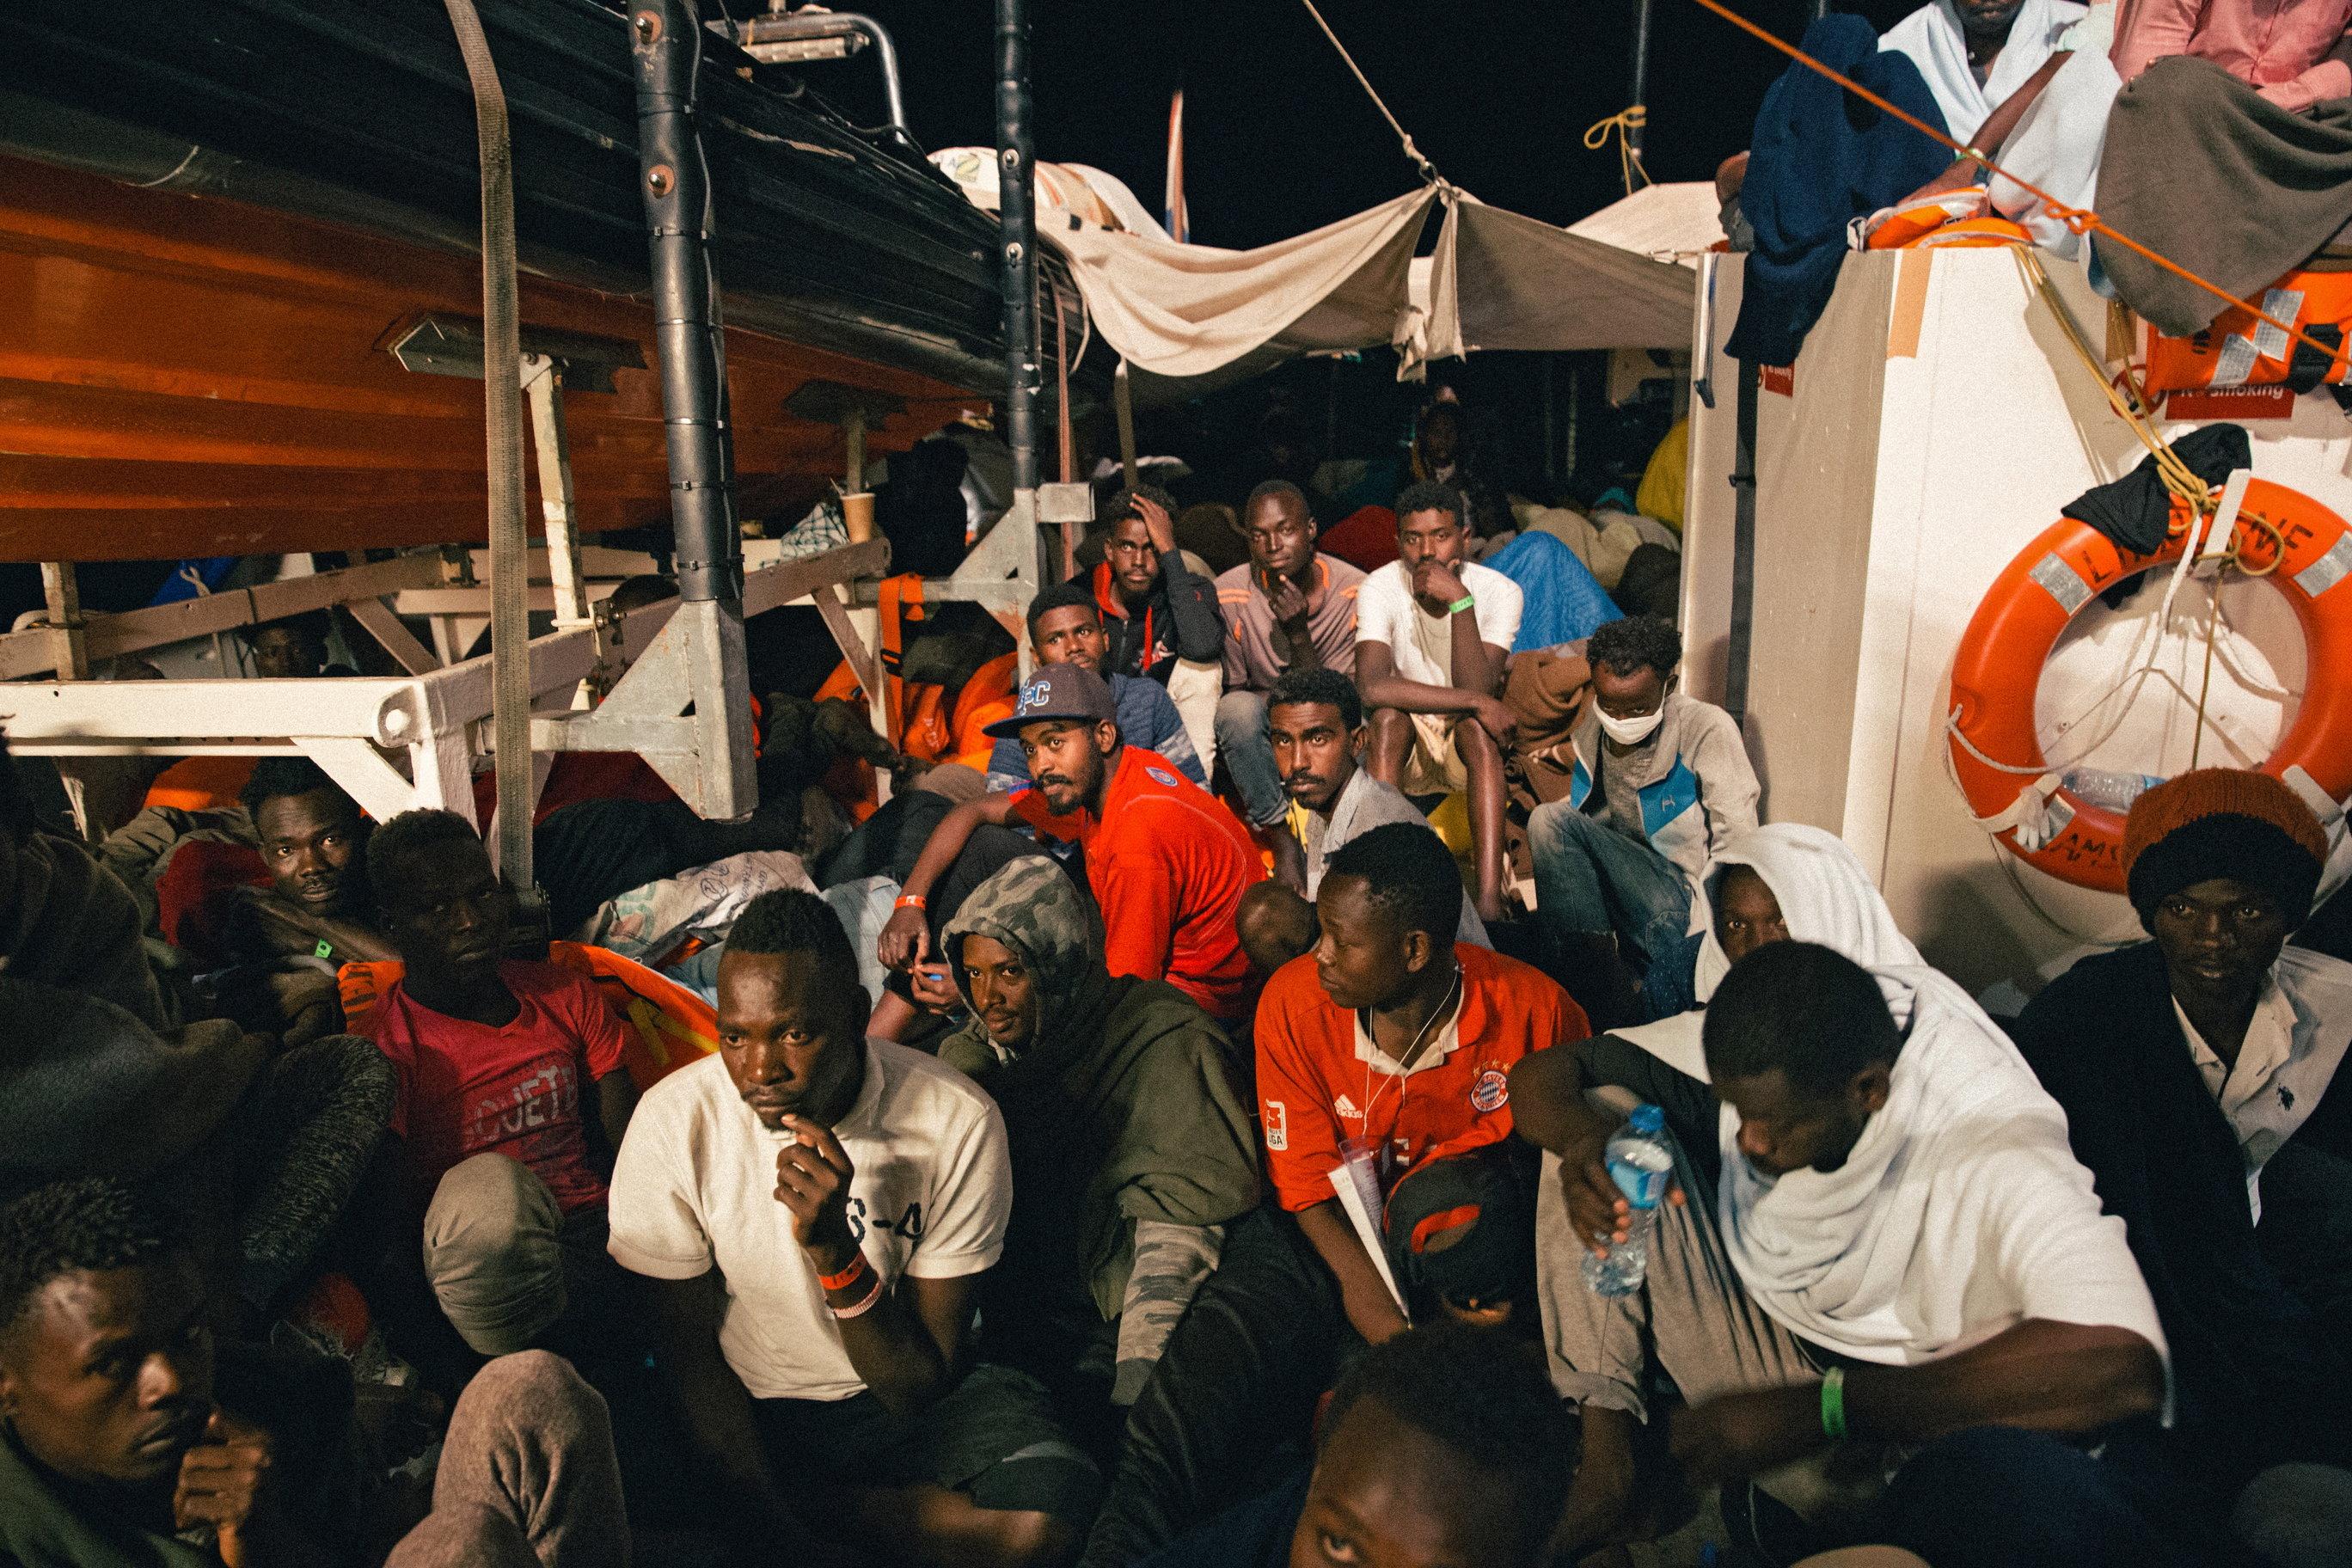 Italija potvrdila da humanitarnom brodu Lifeline neće dopustiti pristanak u talijanskoj luci